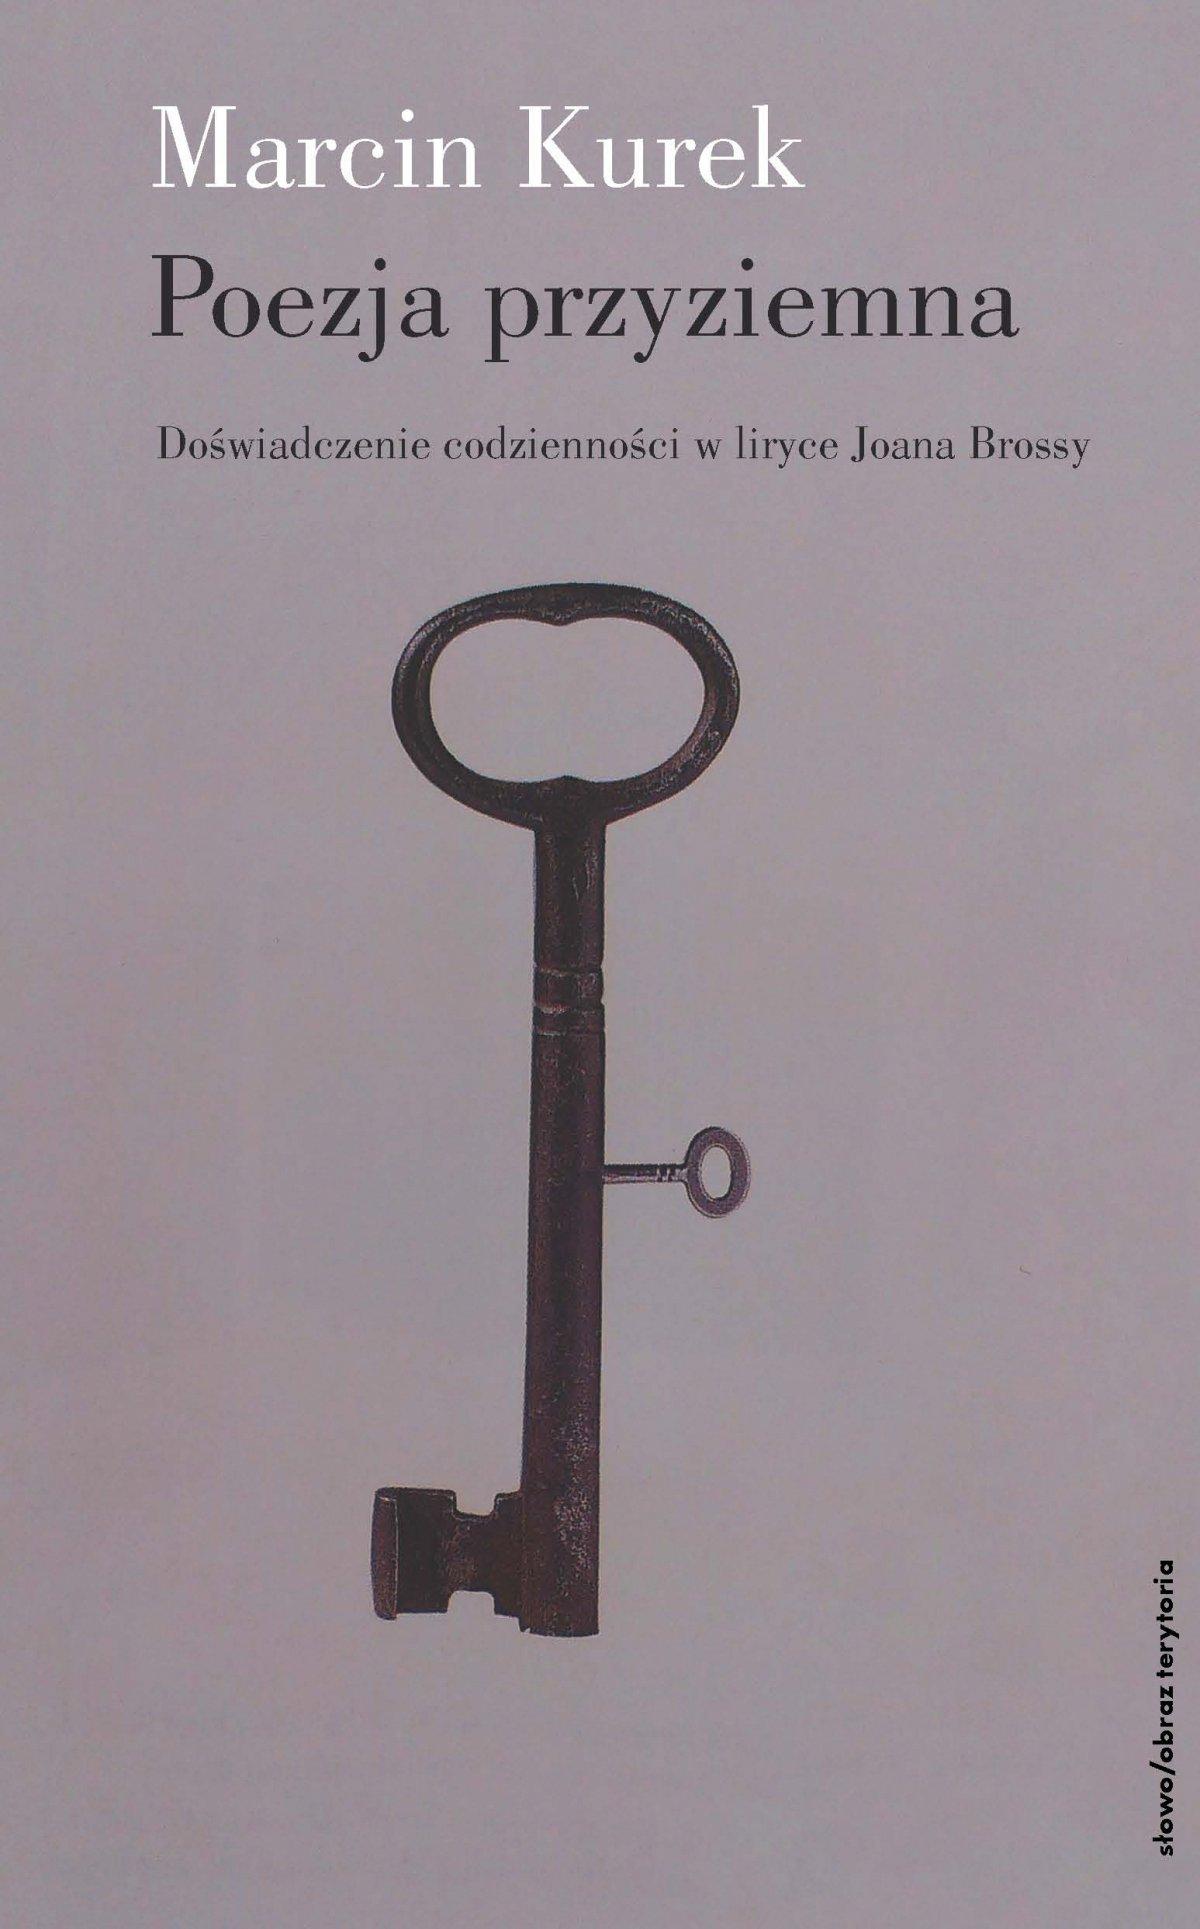 Poezja przyziemna. Doświadczenie codzienności w liryce Joana Brossy - Ebook (Książka EPUB) do pobrania w formacie EPUB